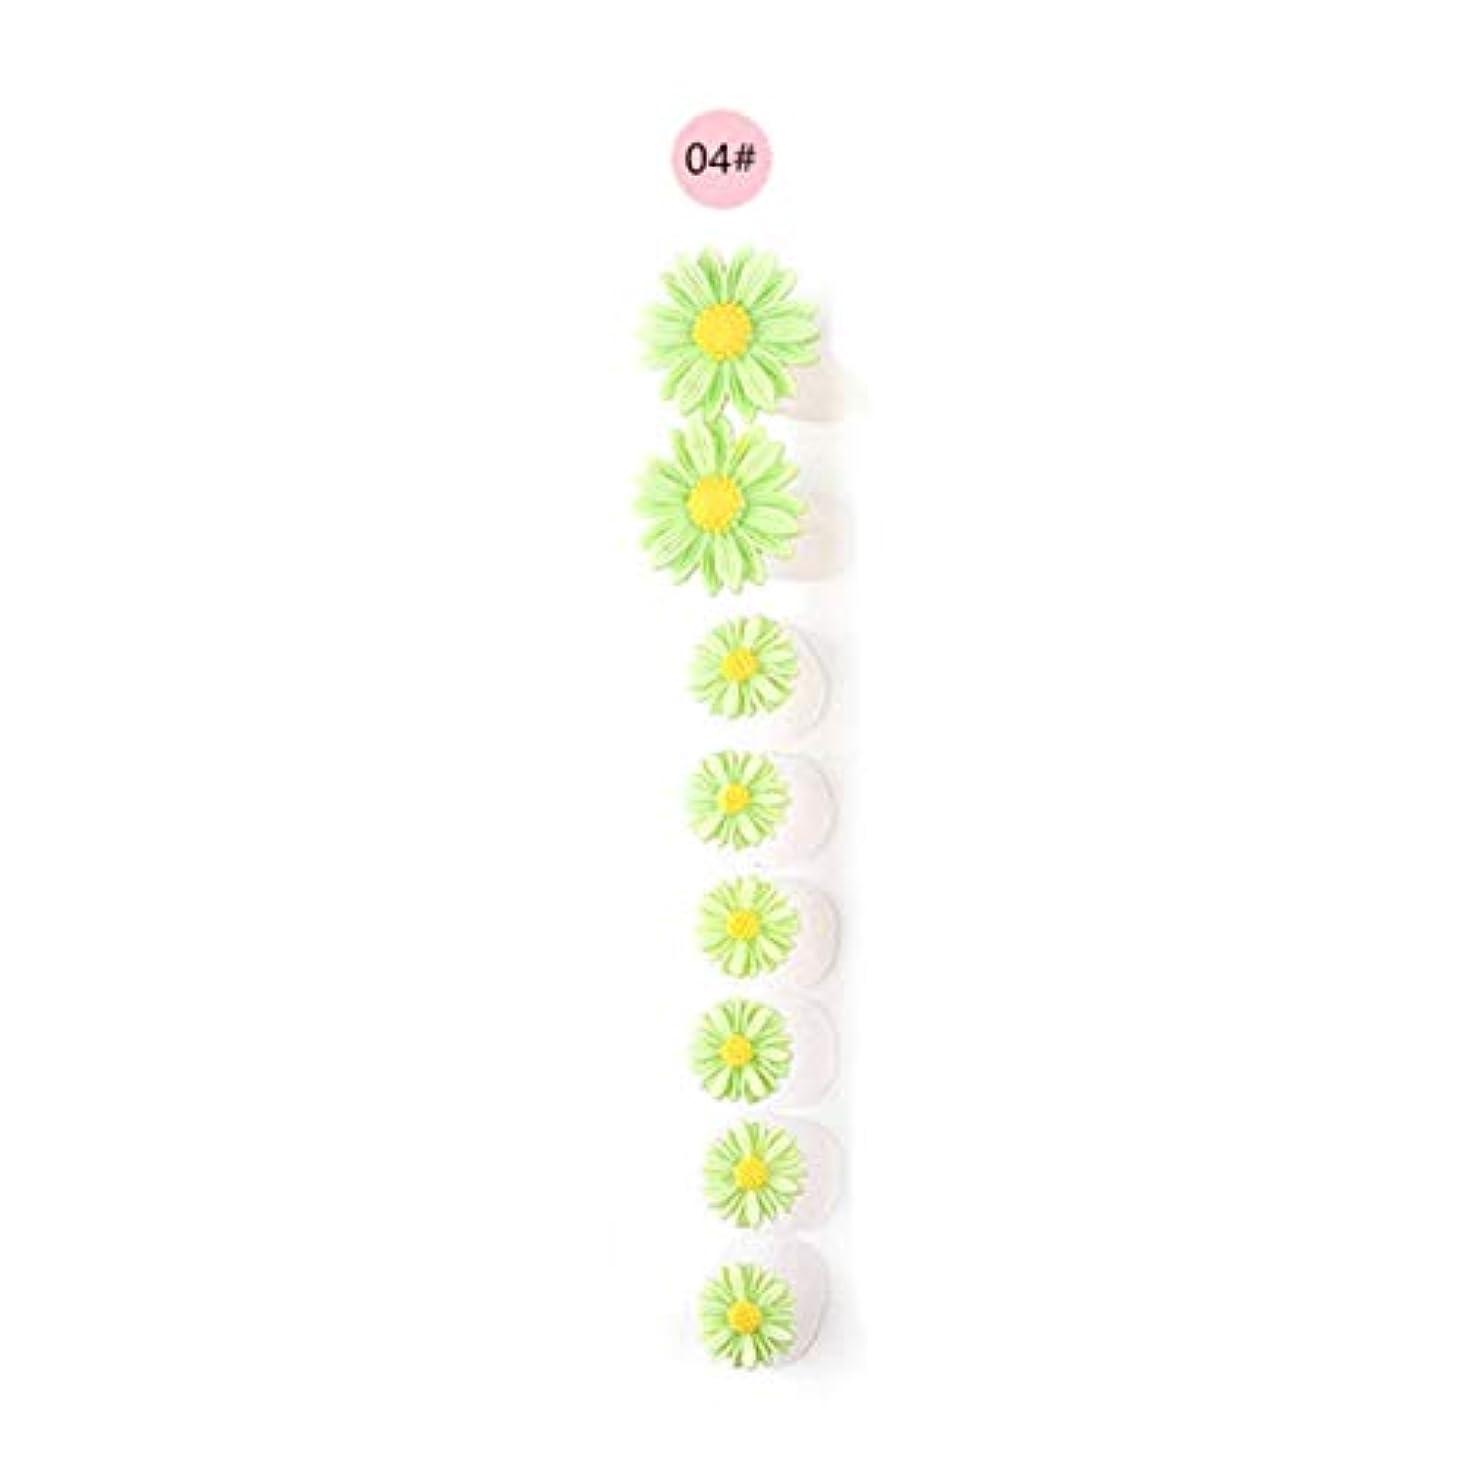 お洞察力のある動機8ピース/セットシリコンつま先セパレーター足つま先スペーサー花形ペディキュアDIYネイルアートツール-カラフル04#